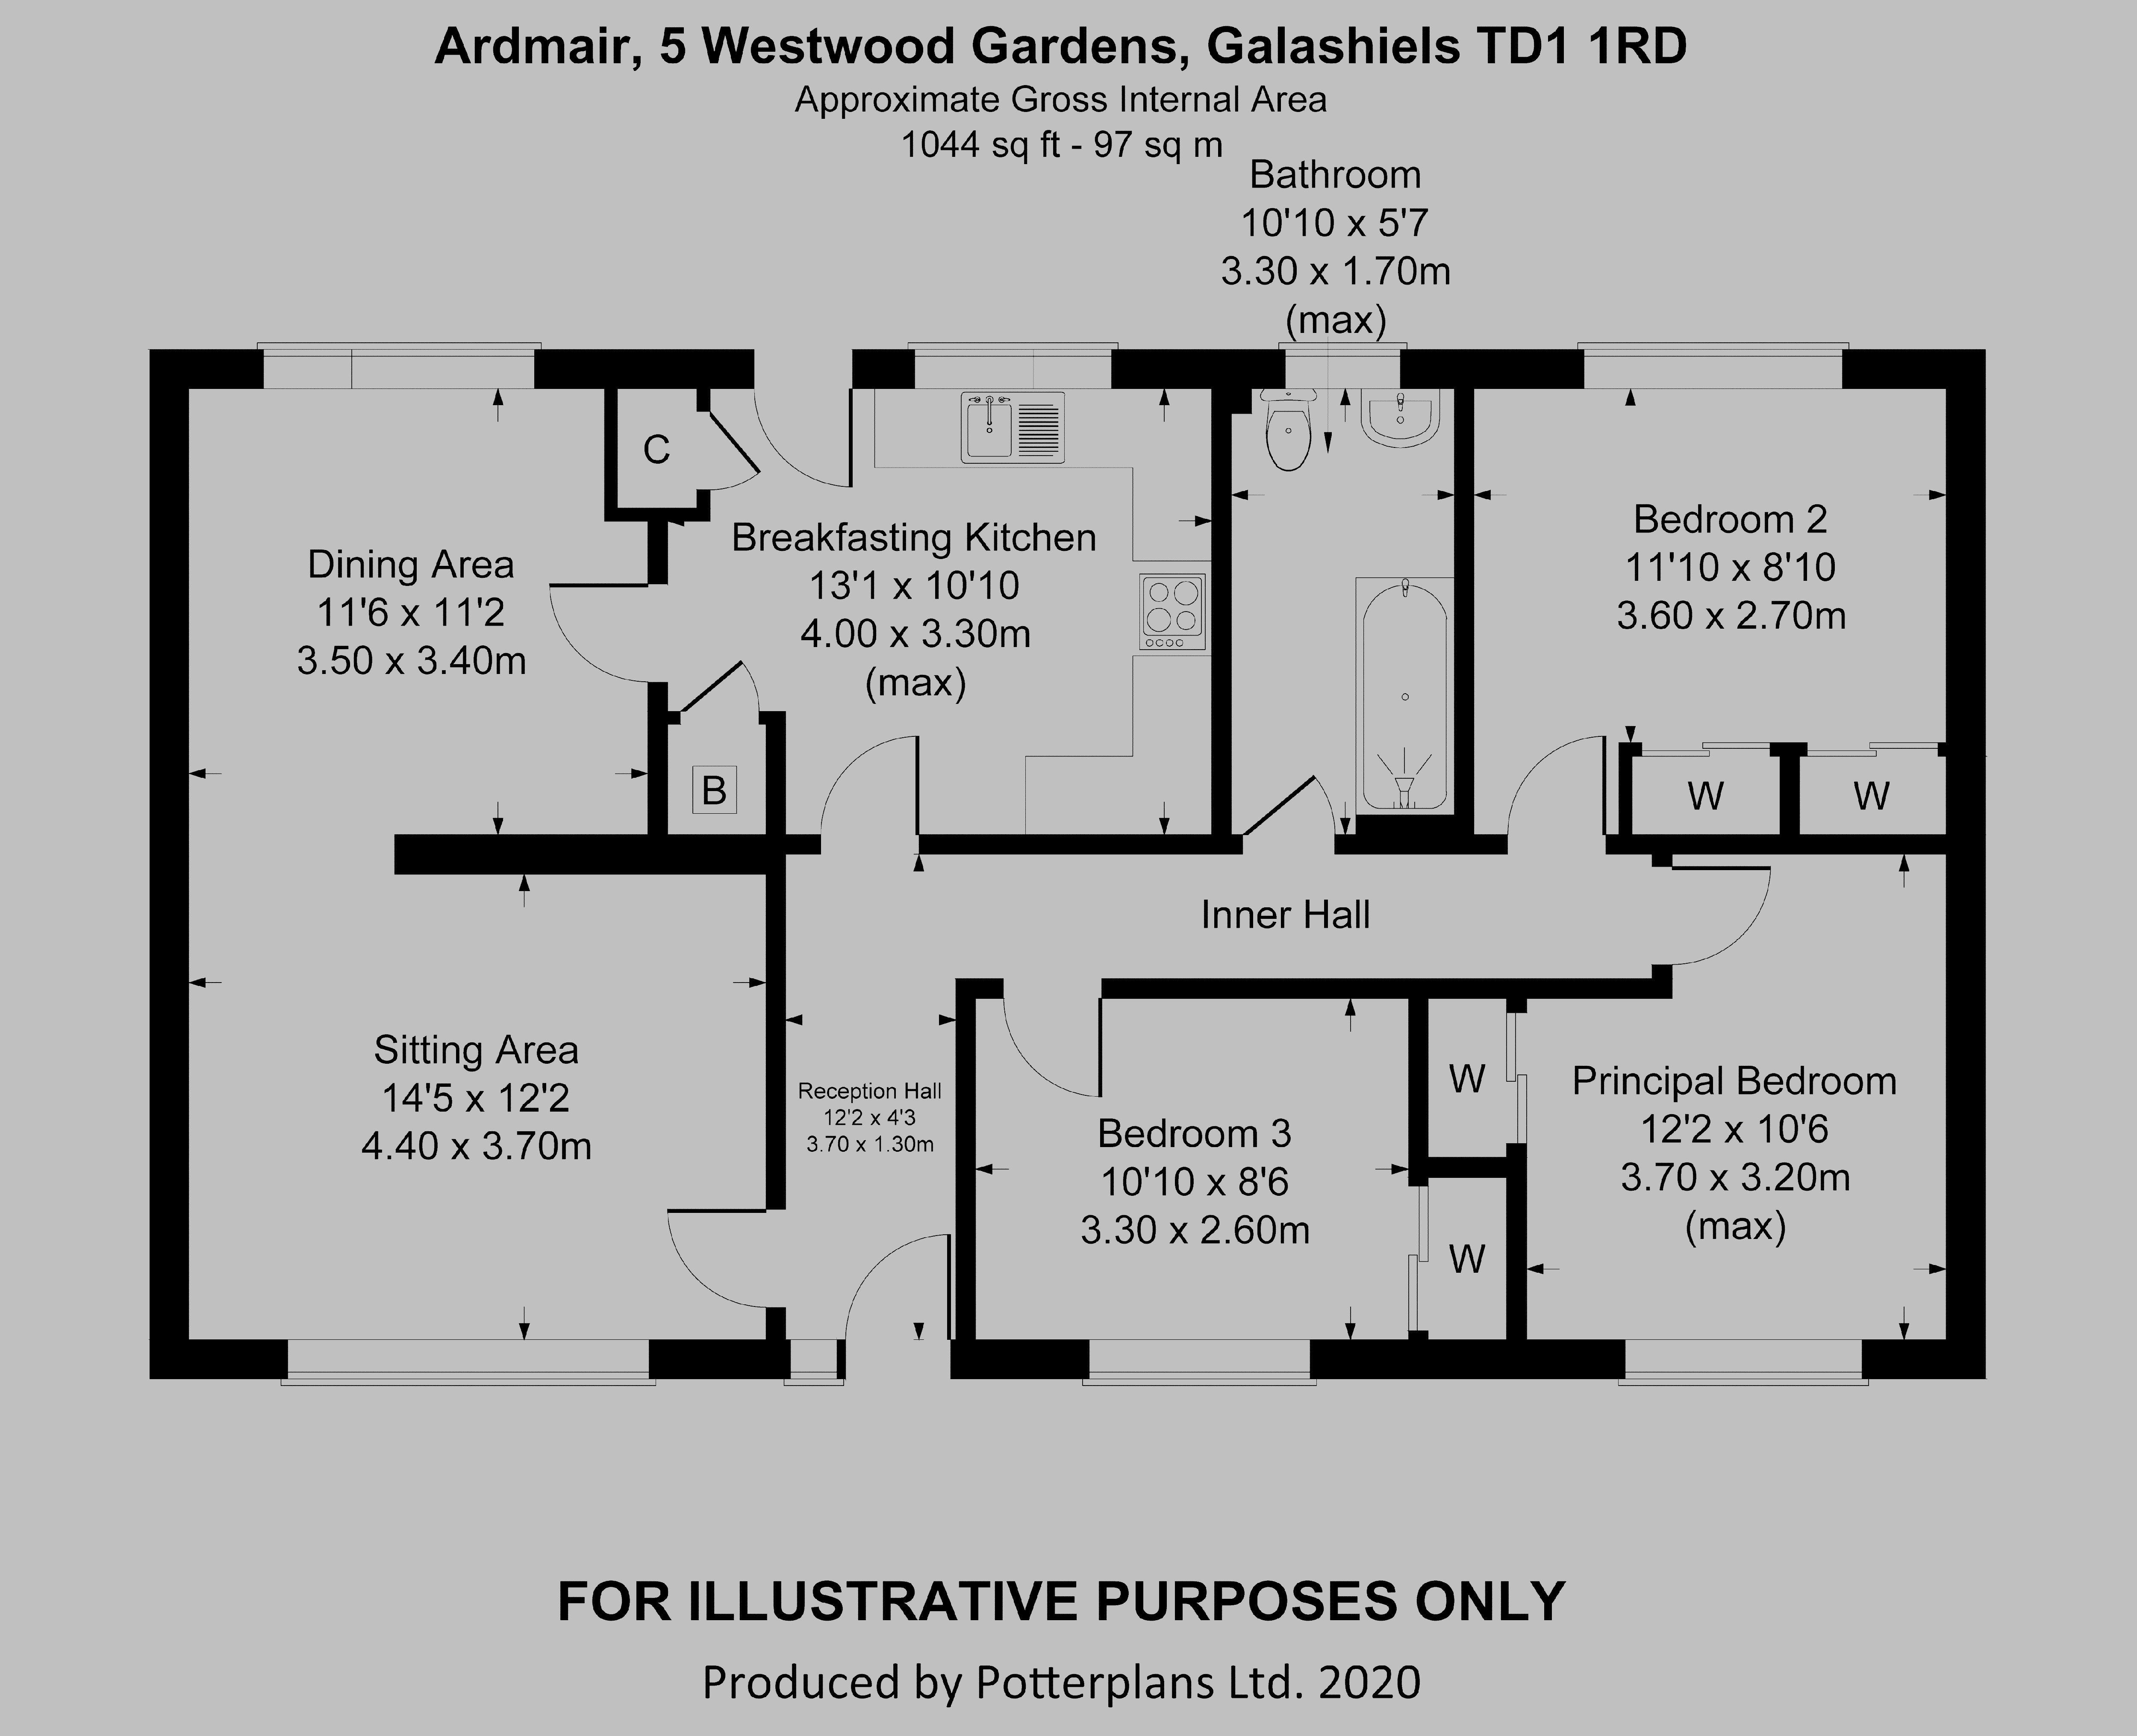 Ardmair Floorplan